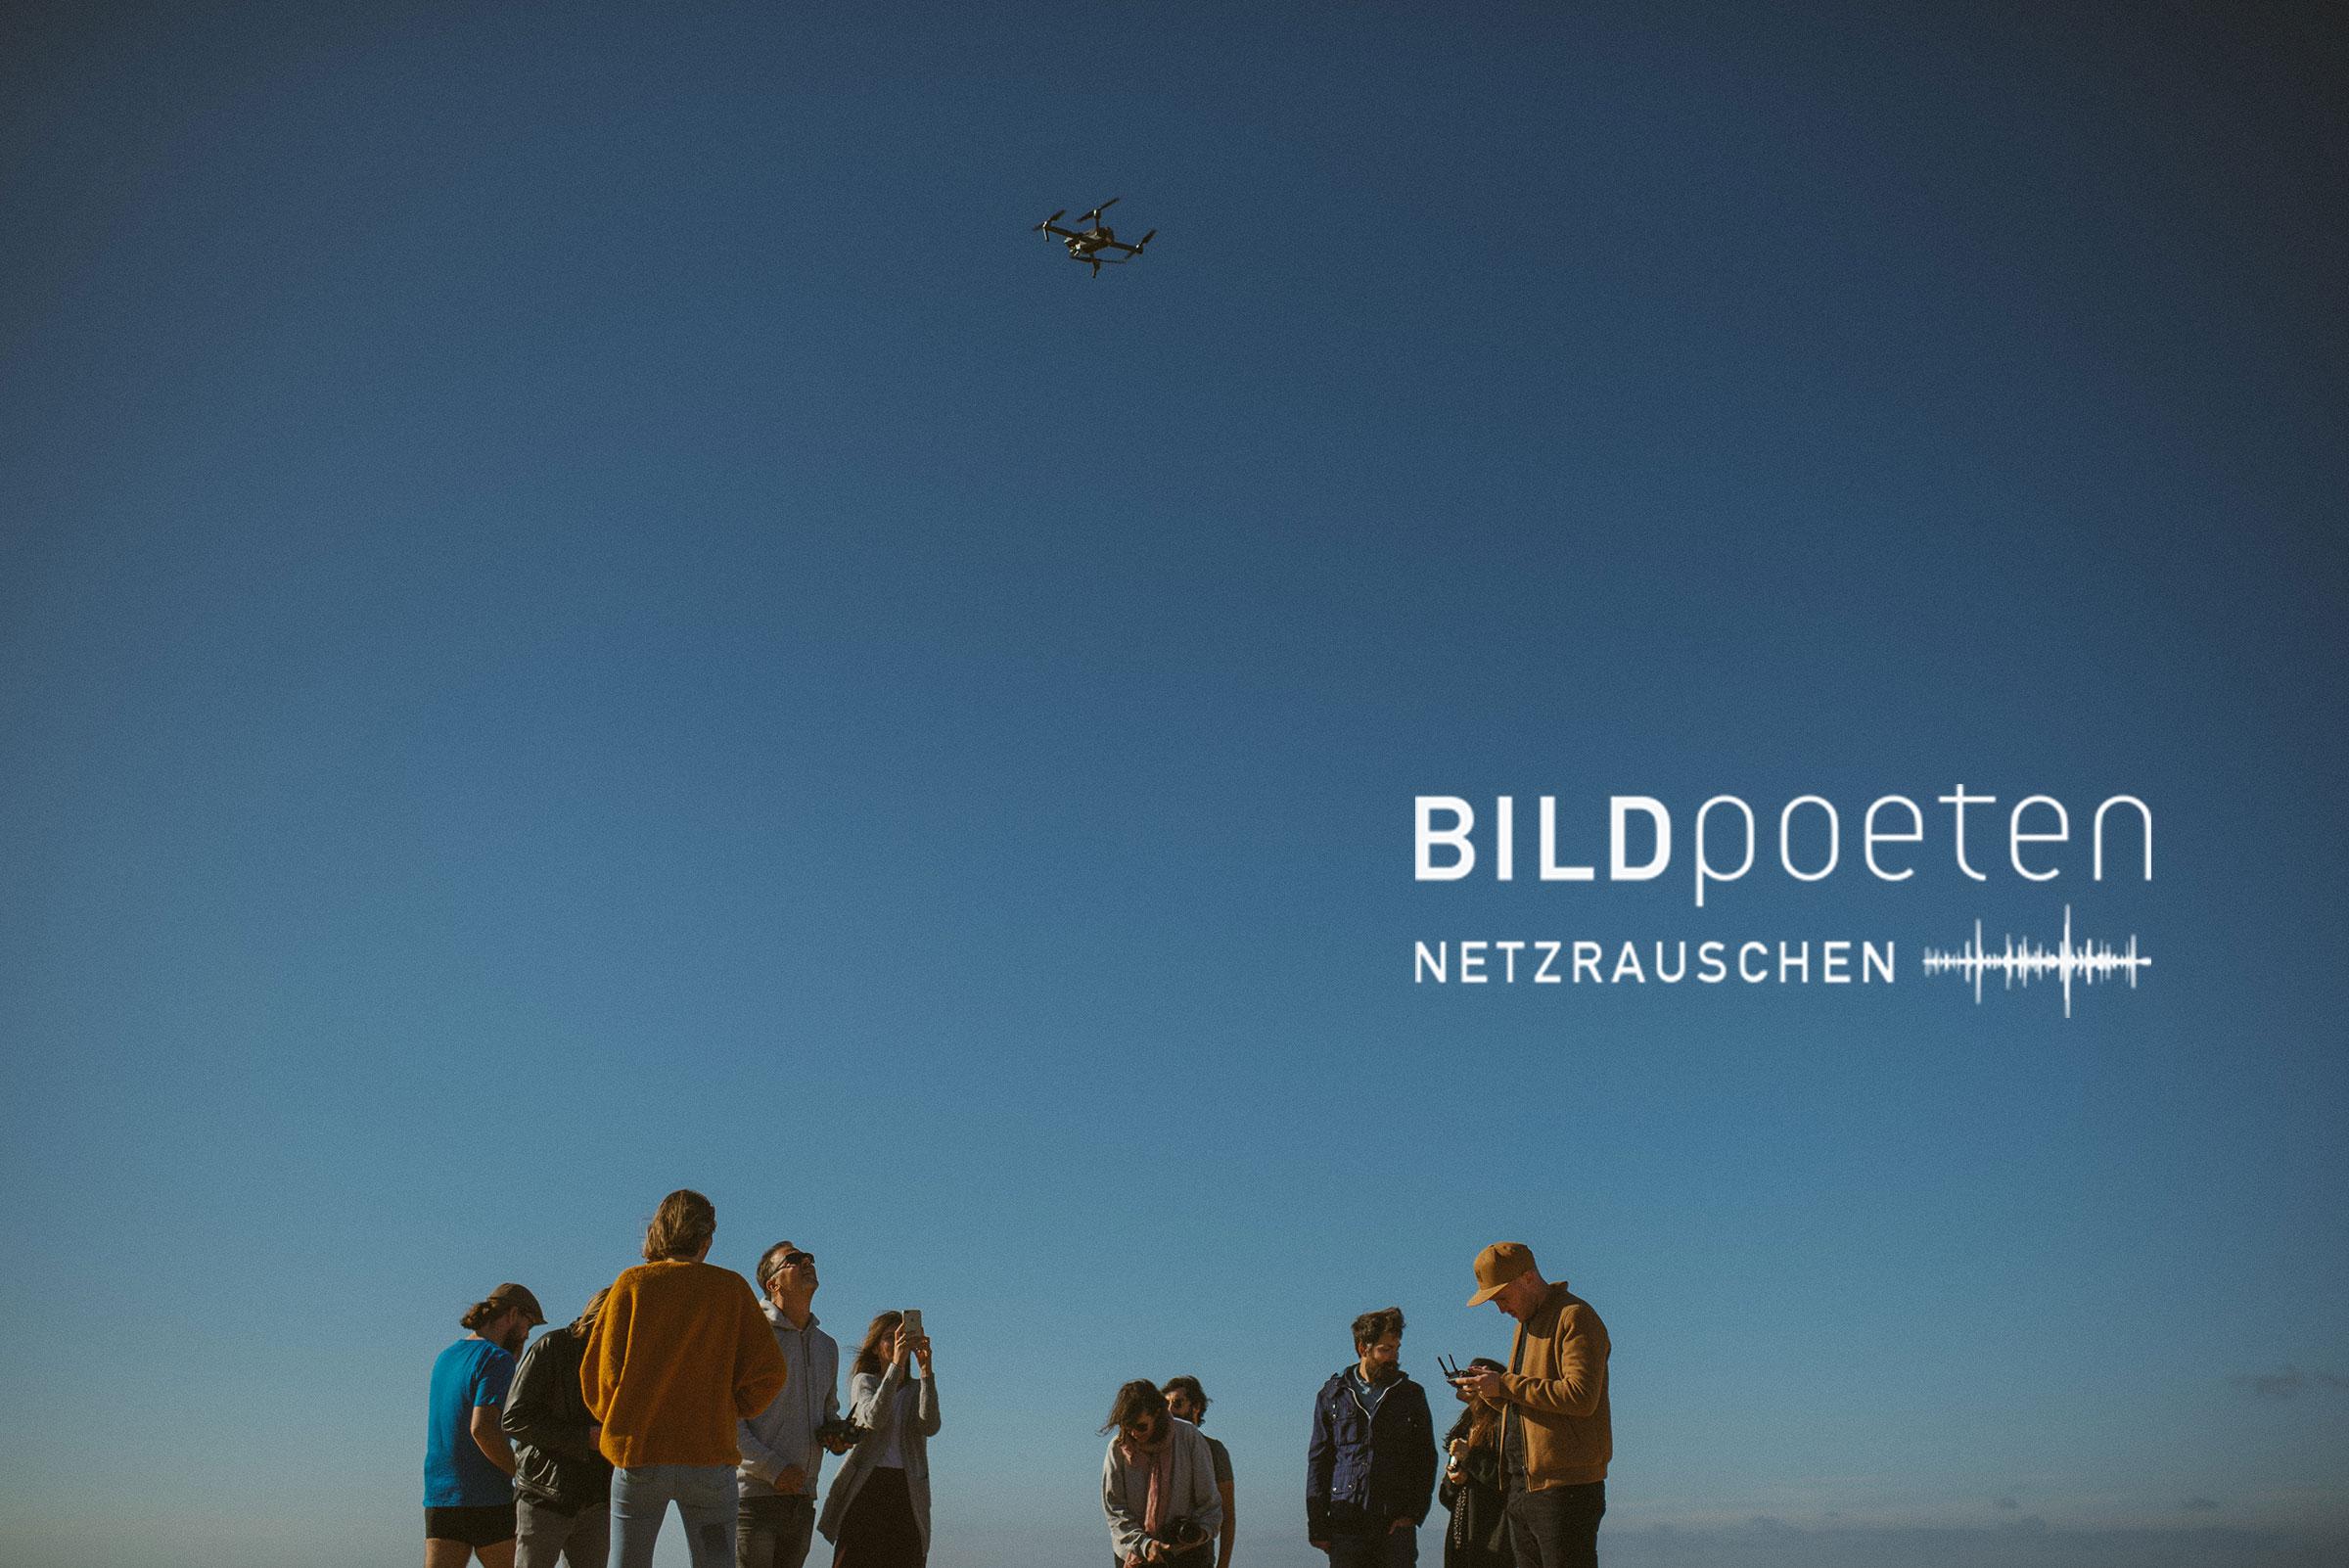 Gruppenbild der Fotografen der Bildpoeten beim Drohne fliegen lassen